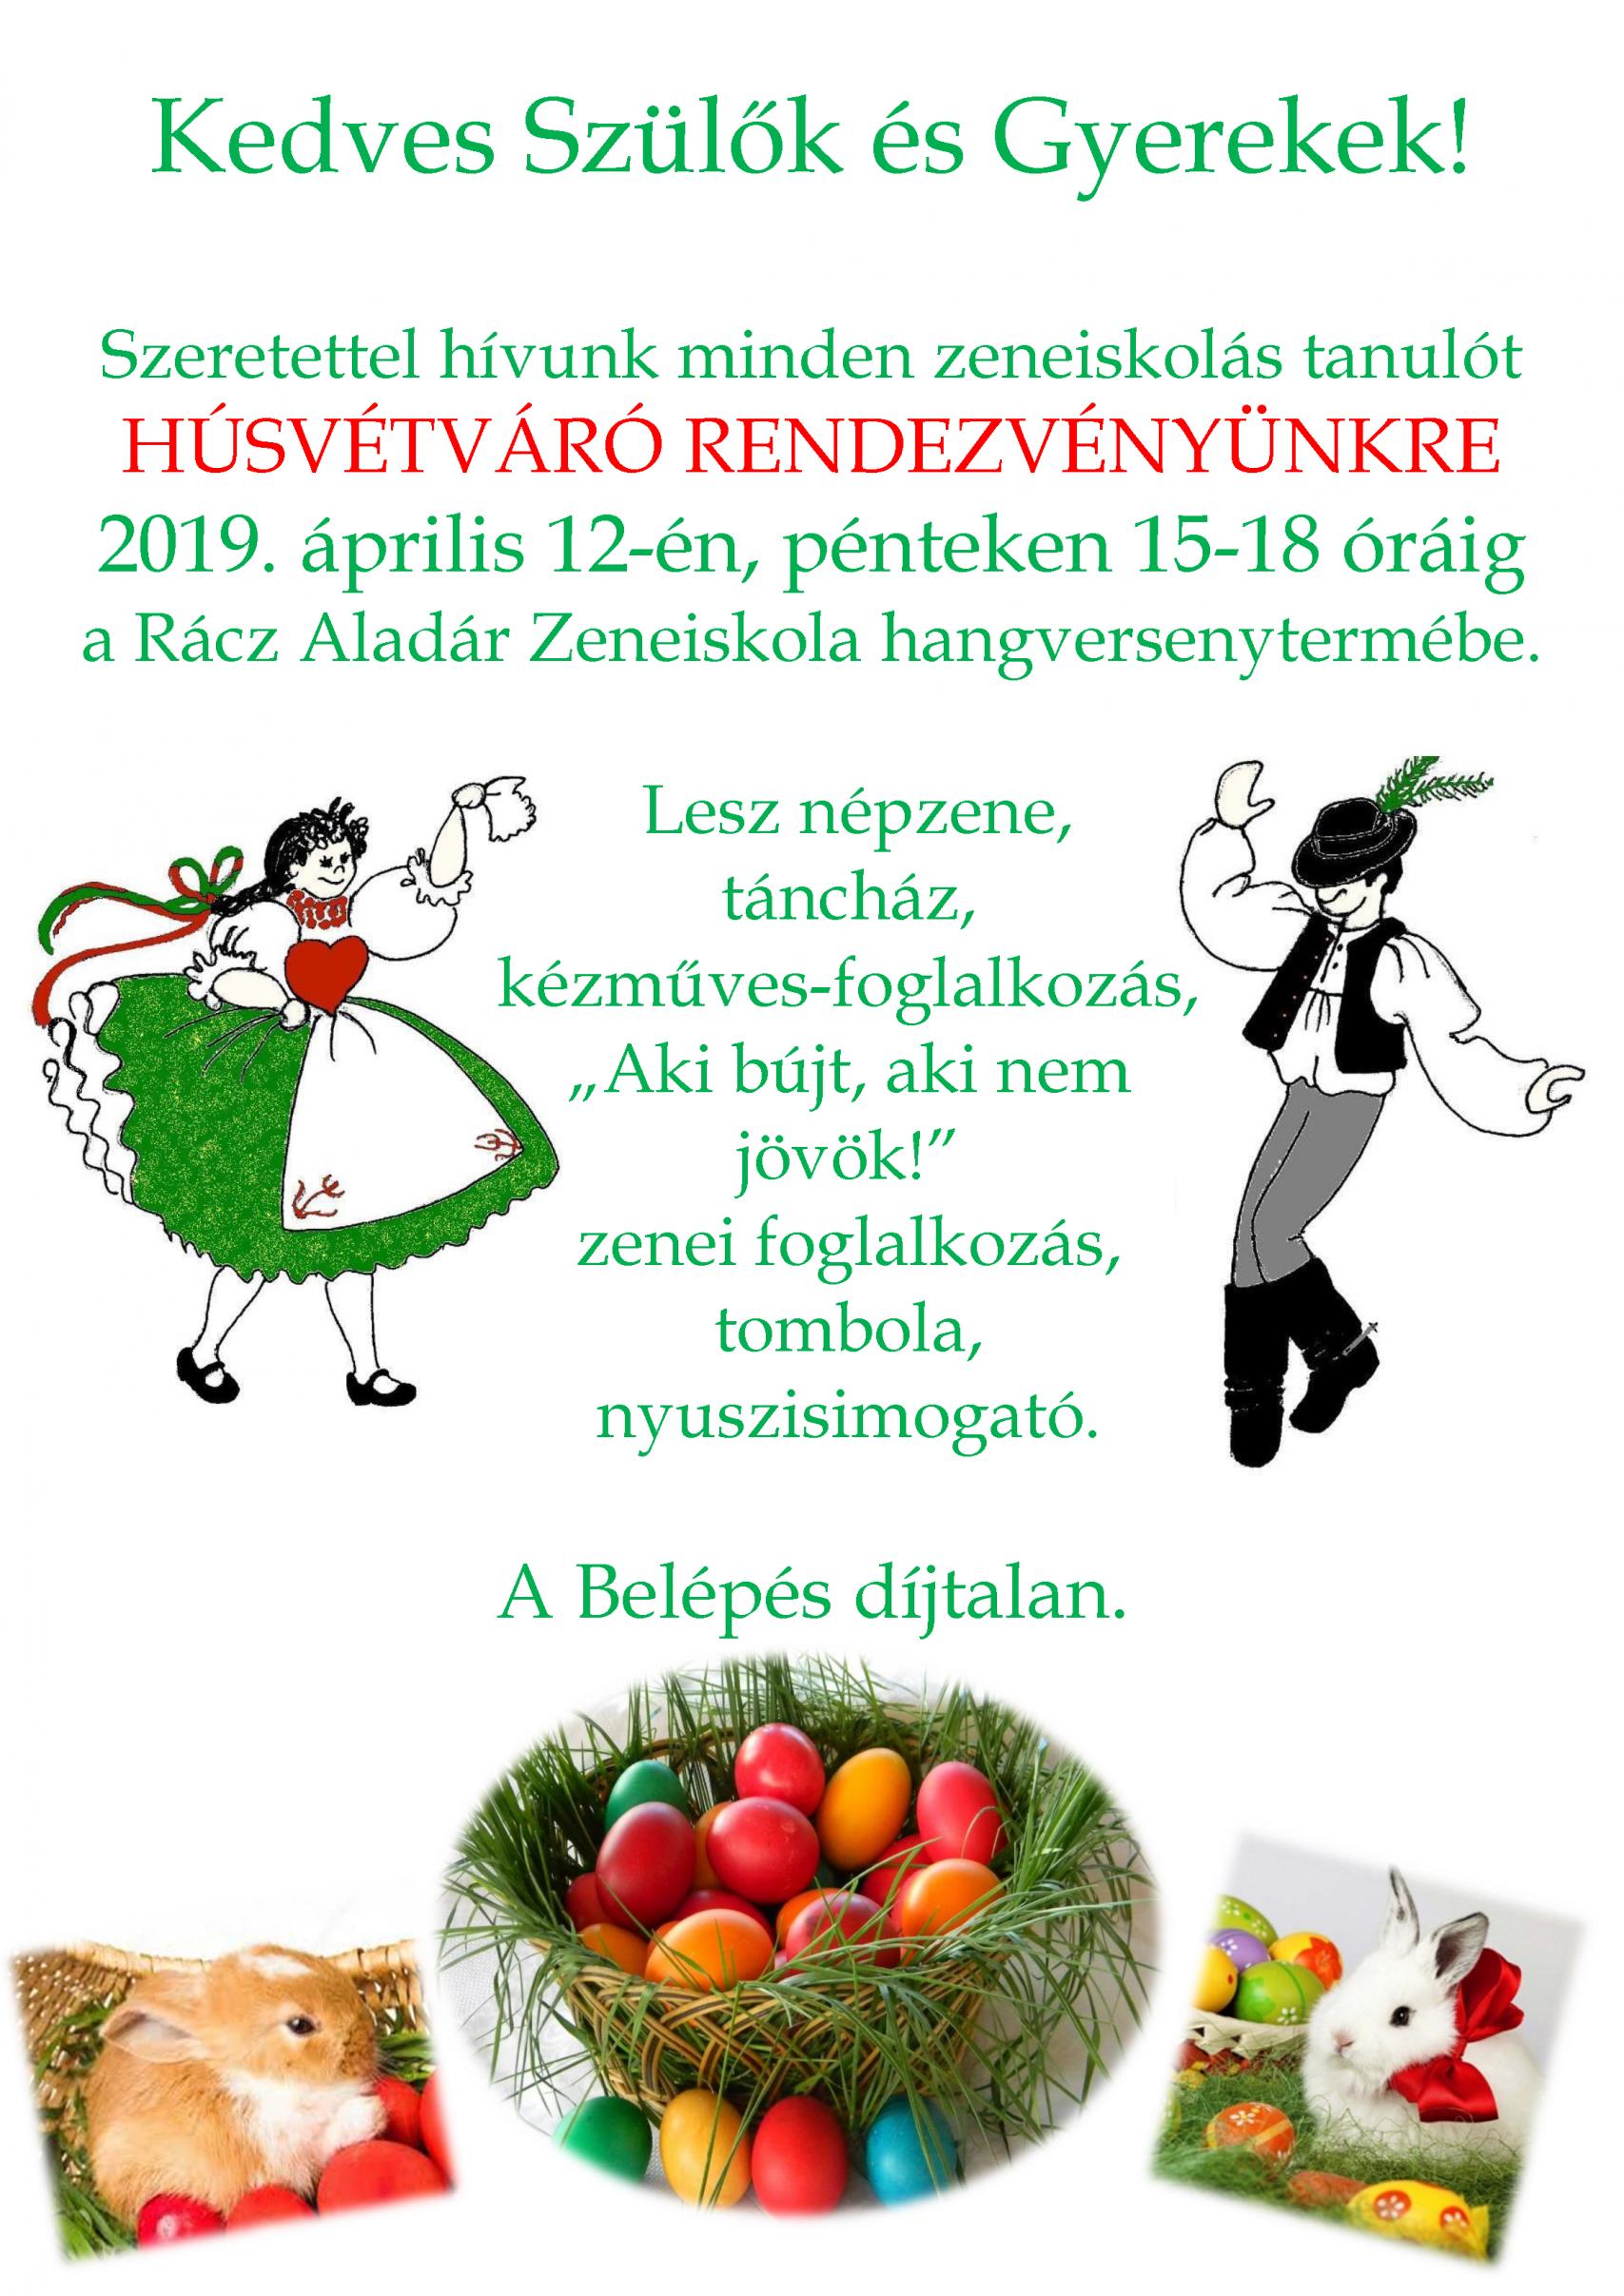 Hústvéti meghívó